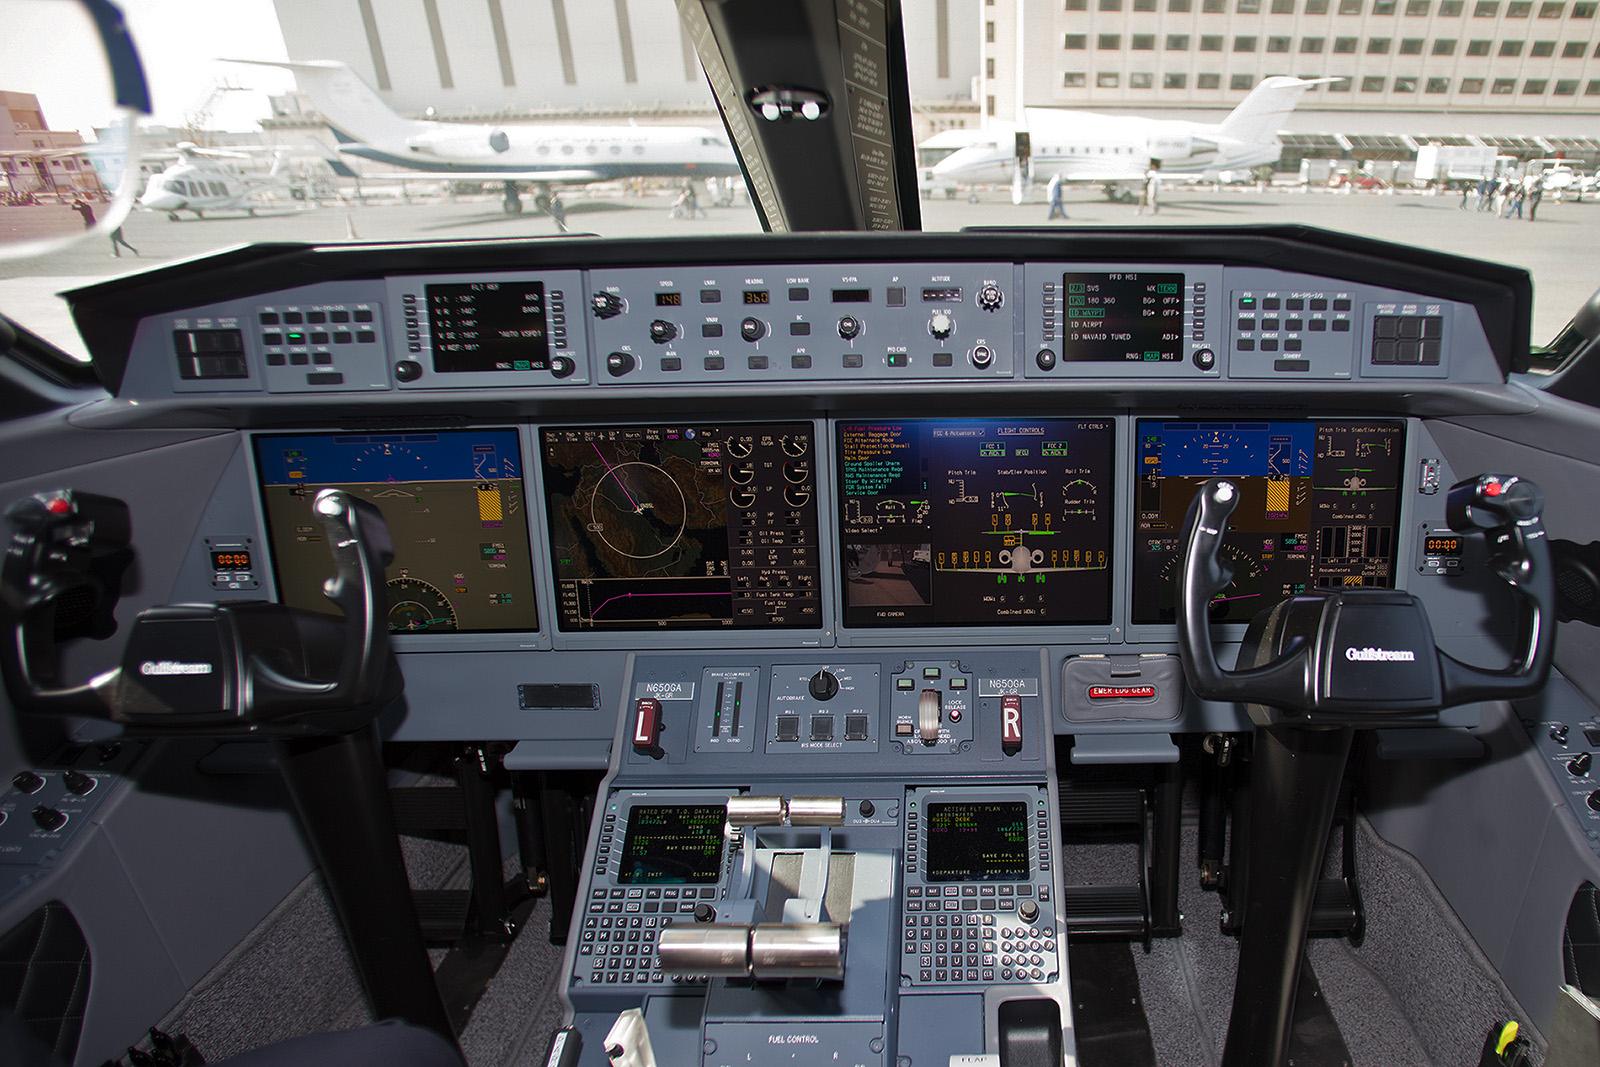 Das Cockpit erinnert eher an ein Computerspiel.